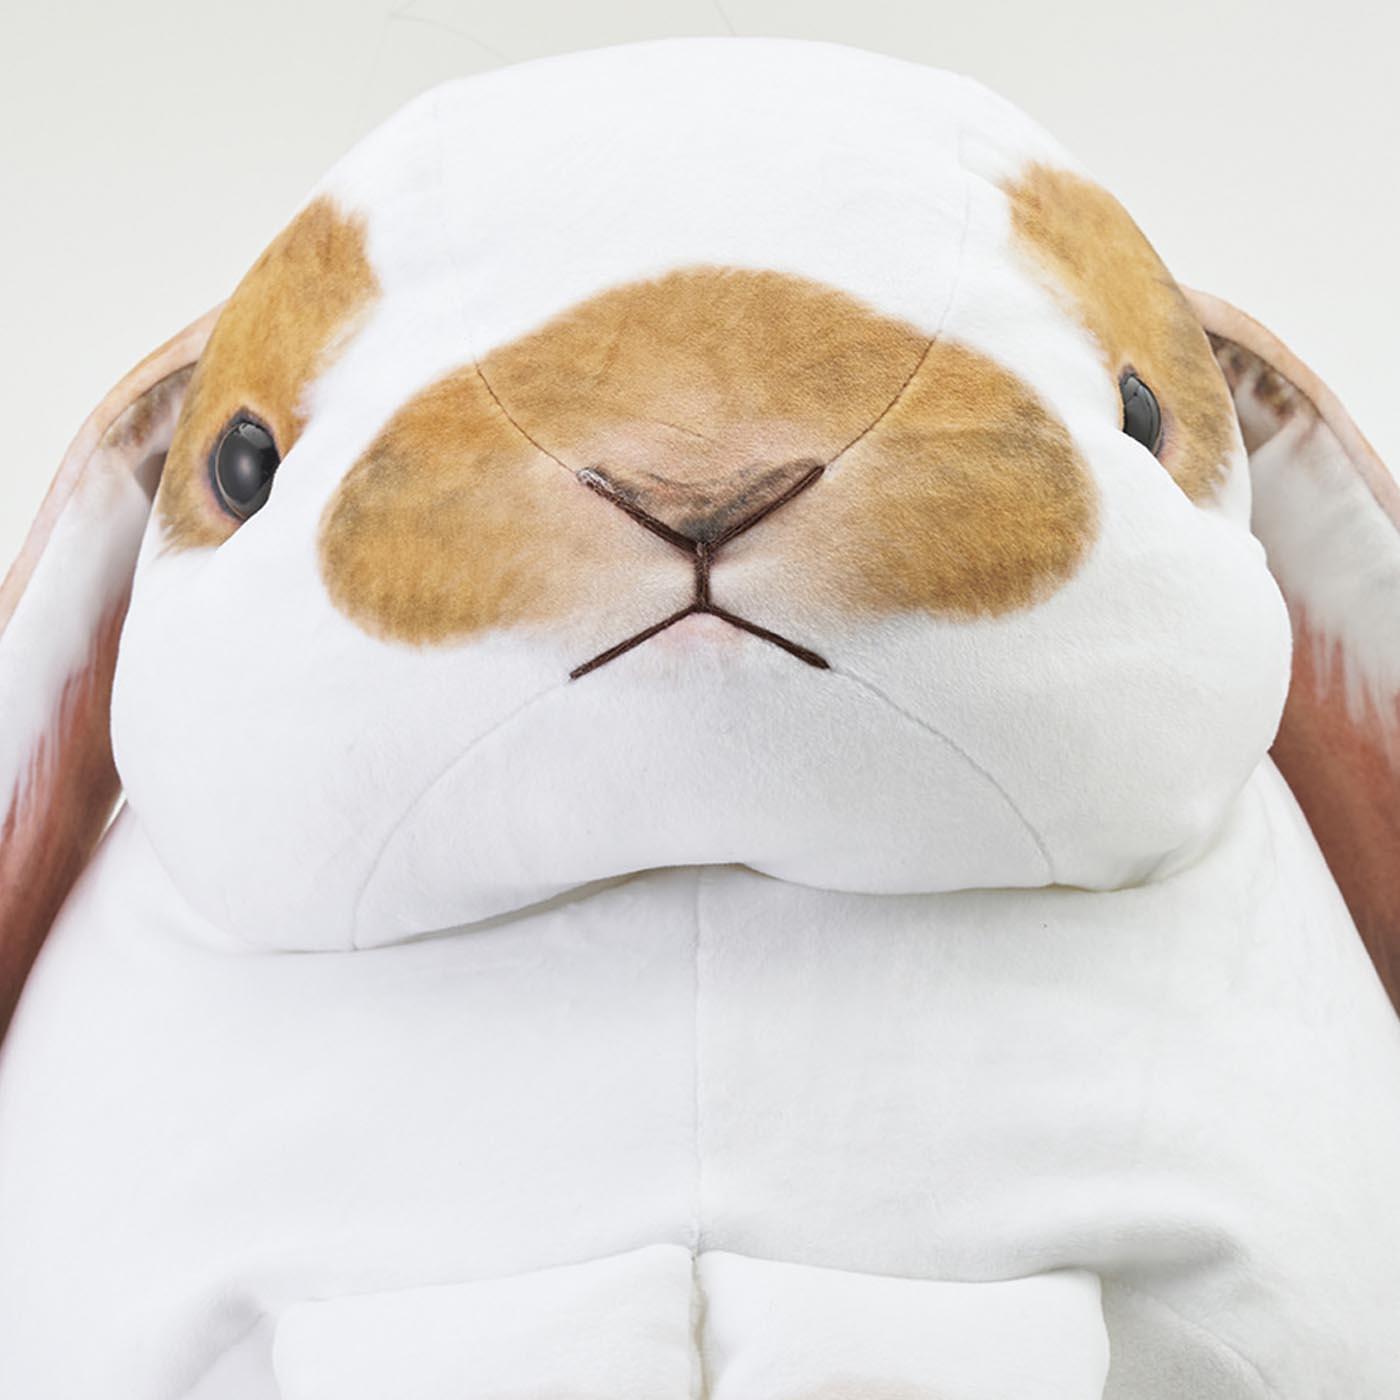 ふっくりしたほっぺの形は、一番のこだわり! お鼻とお口は刺しゅうです。